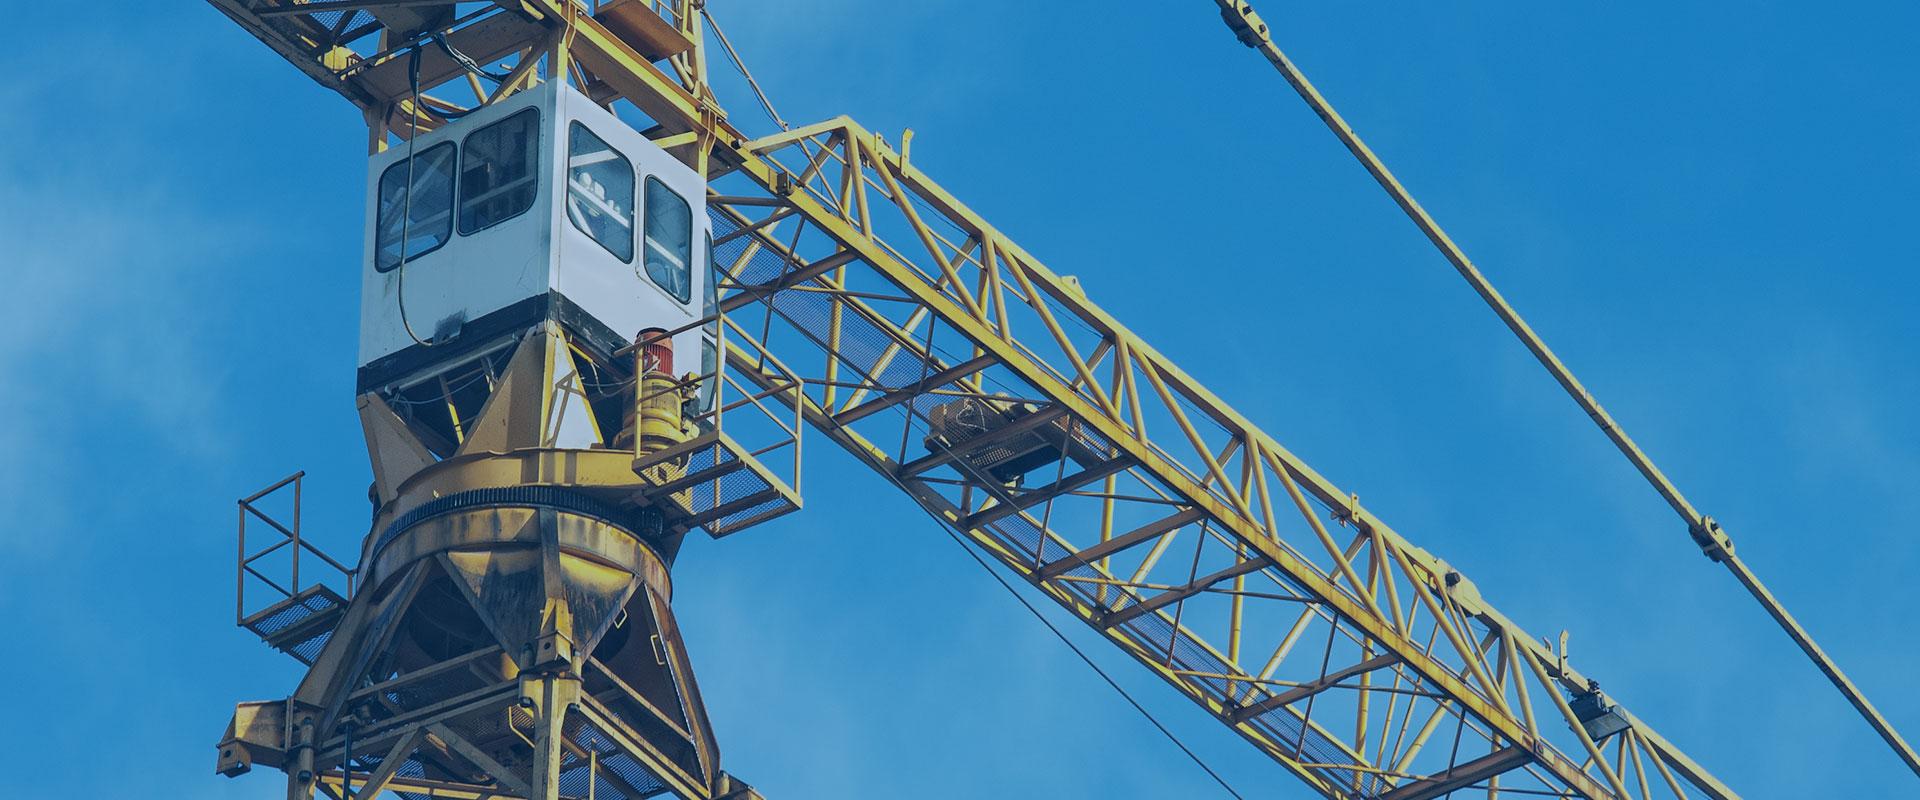 Capa banner-01.jpg - Seguro de Riscos de Obras de Engenharia